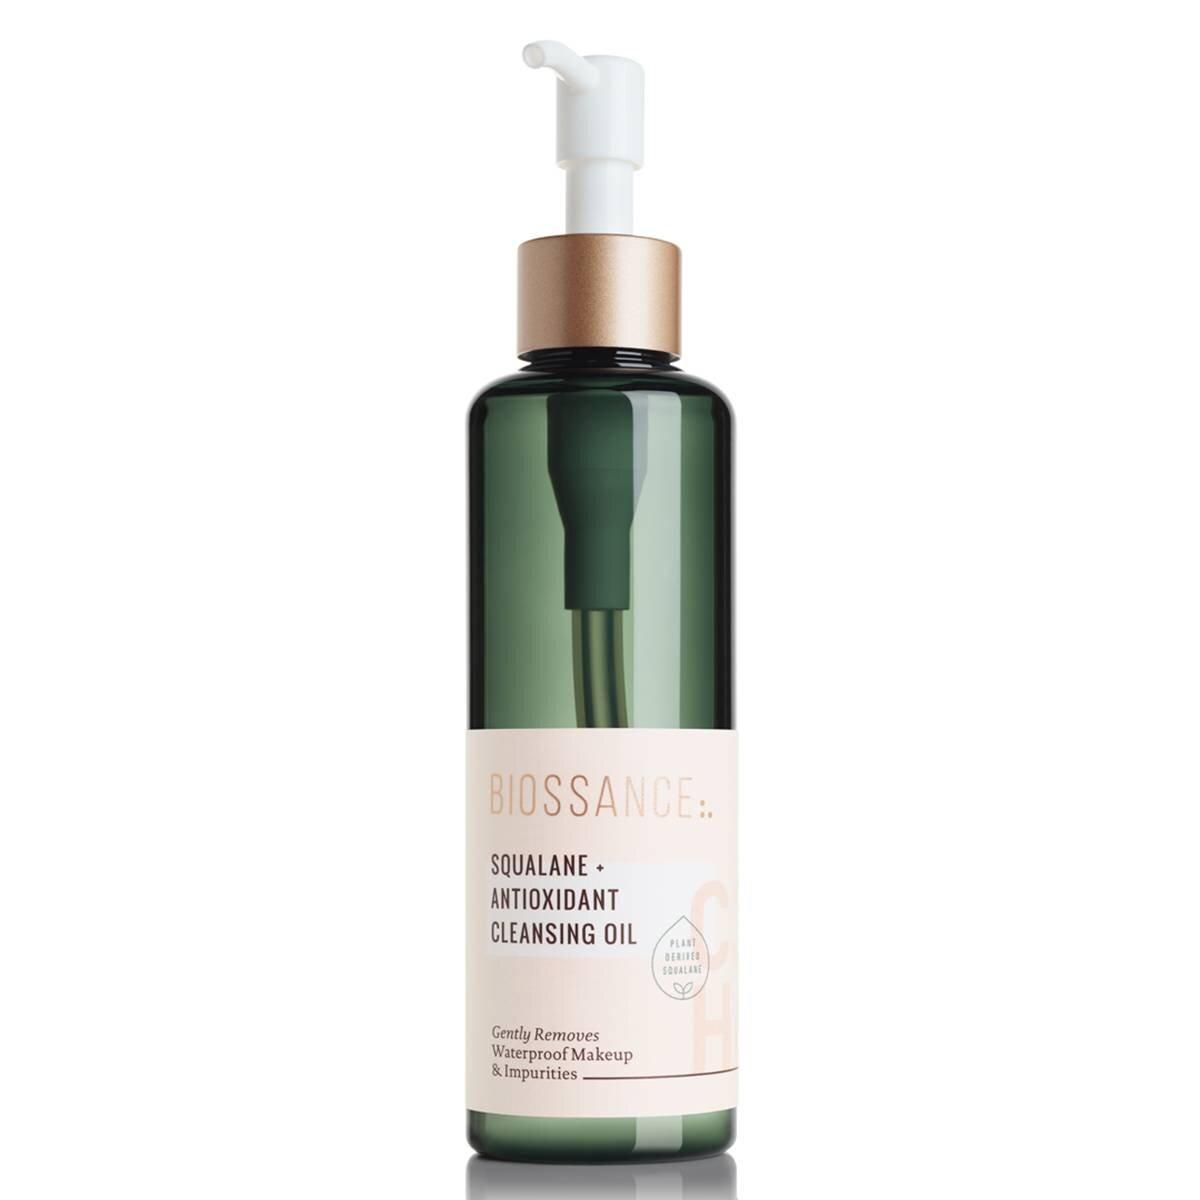 cleansing-oils-for-oily-skin-285927-1583530685624-main.1200x0c.jpg